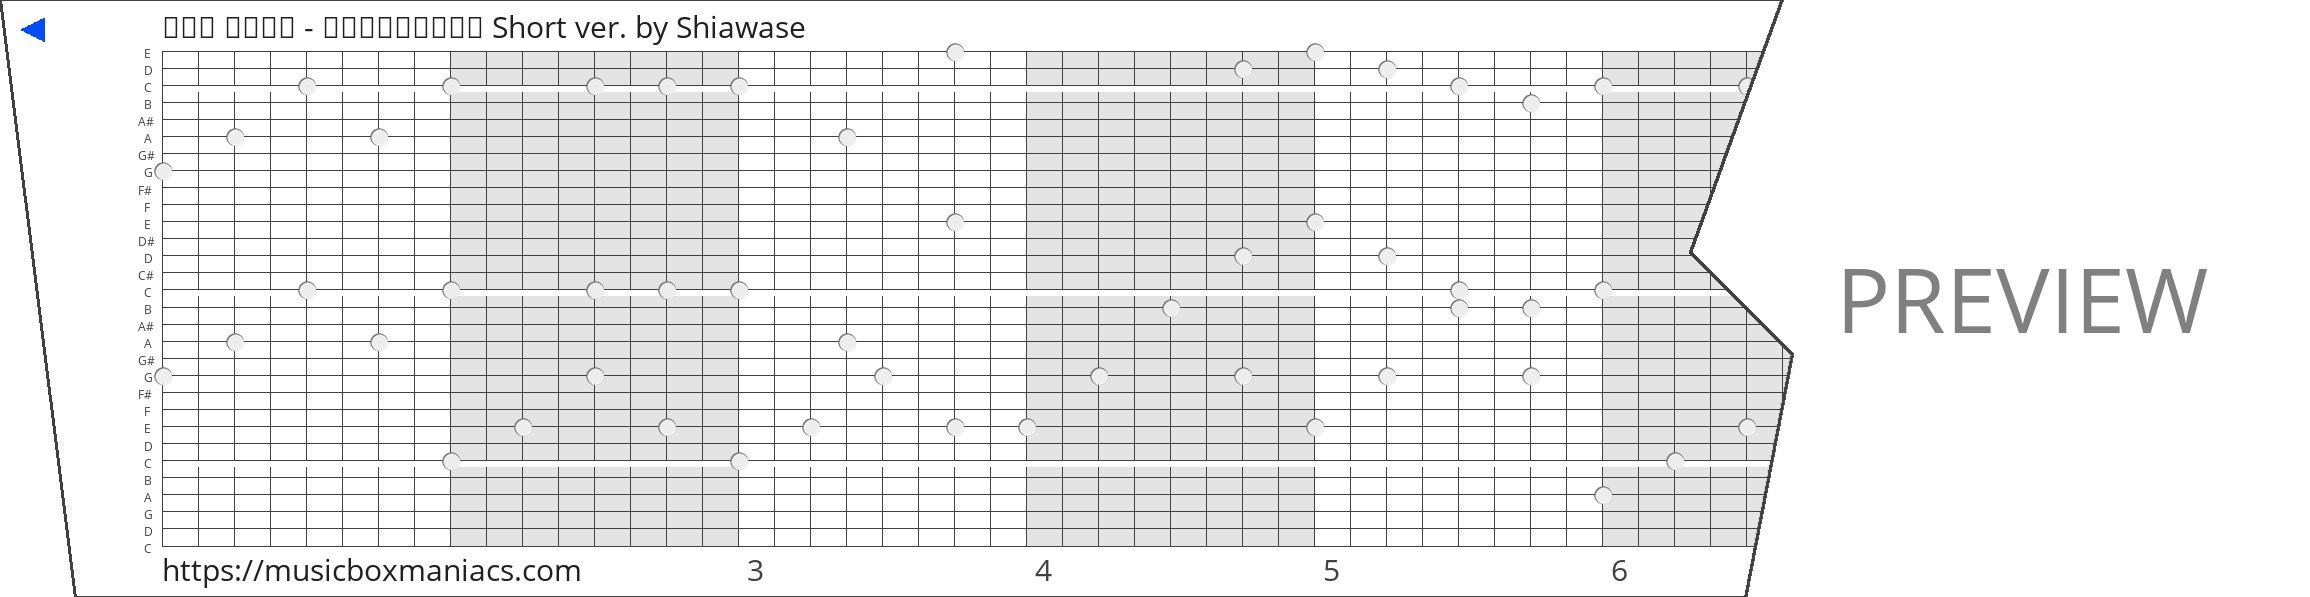 เบล สุพล - ไม่ธรรมดา Short ver. 30 note music box paper strip